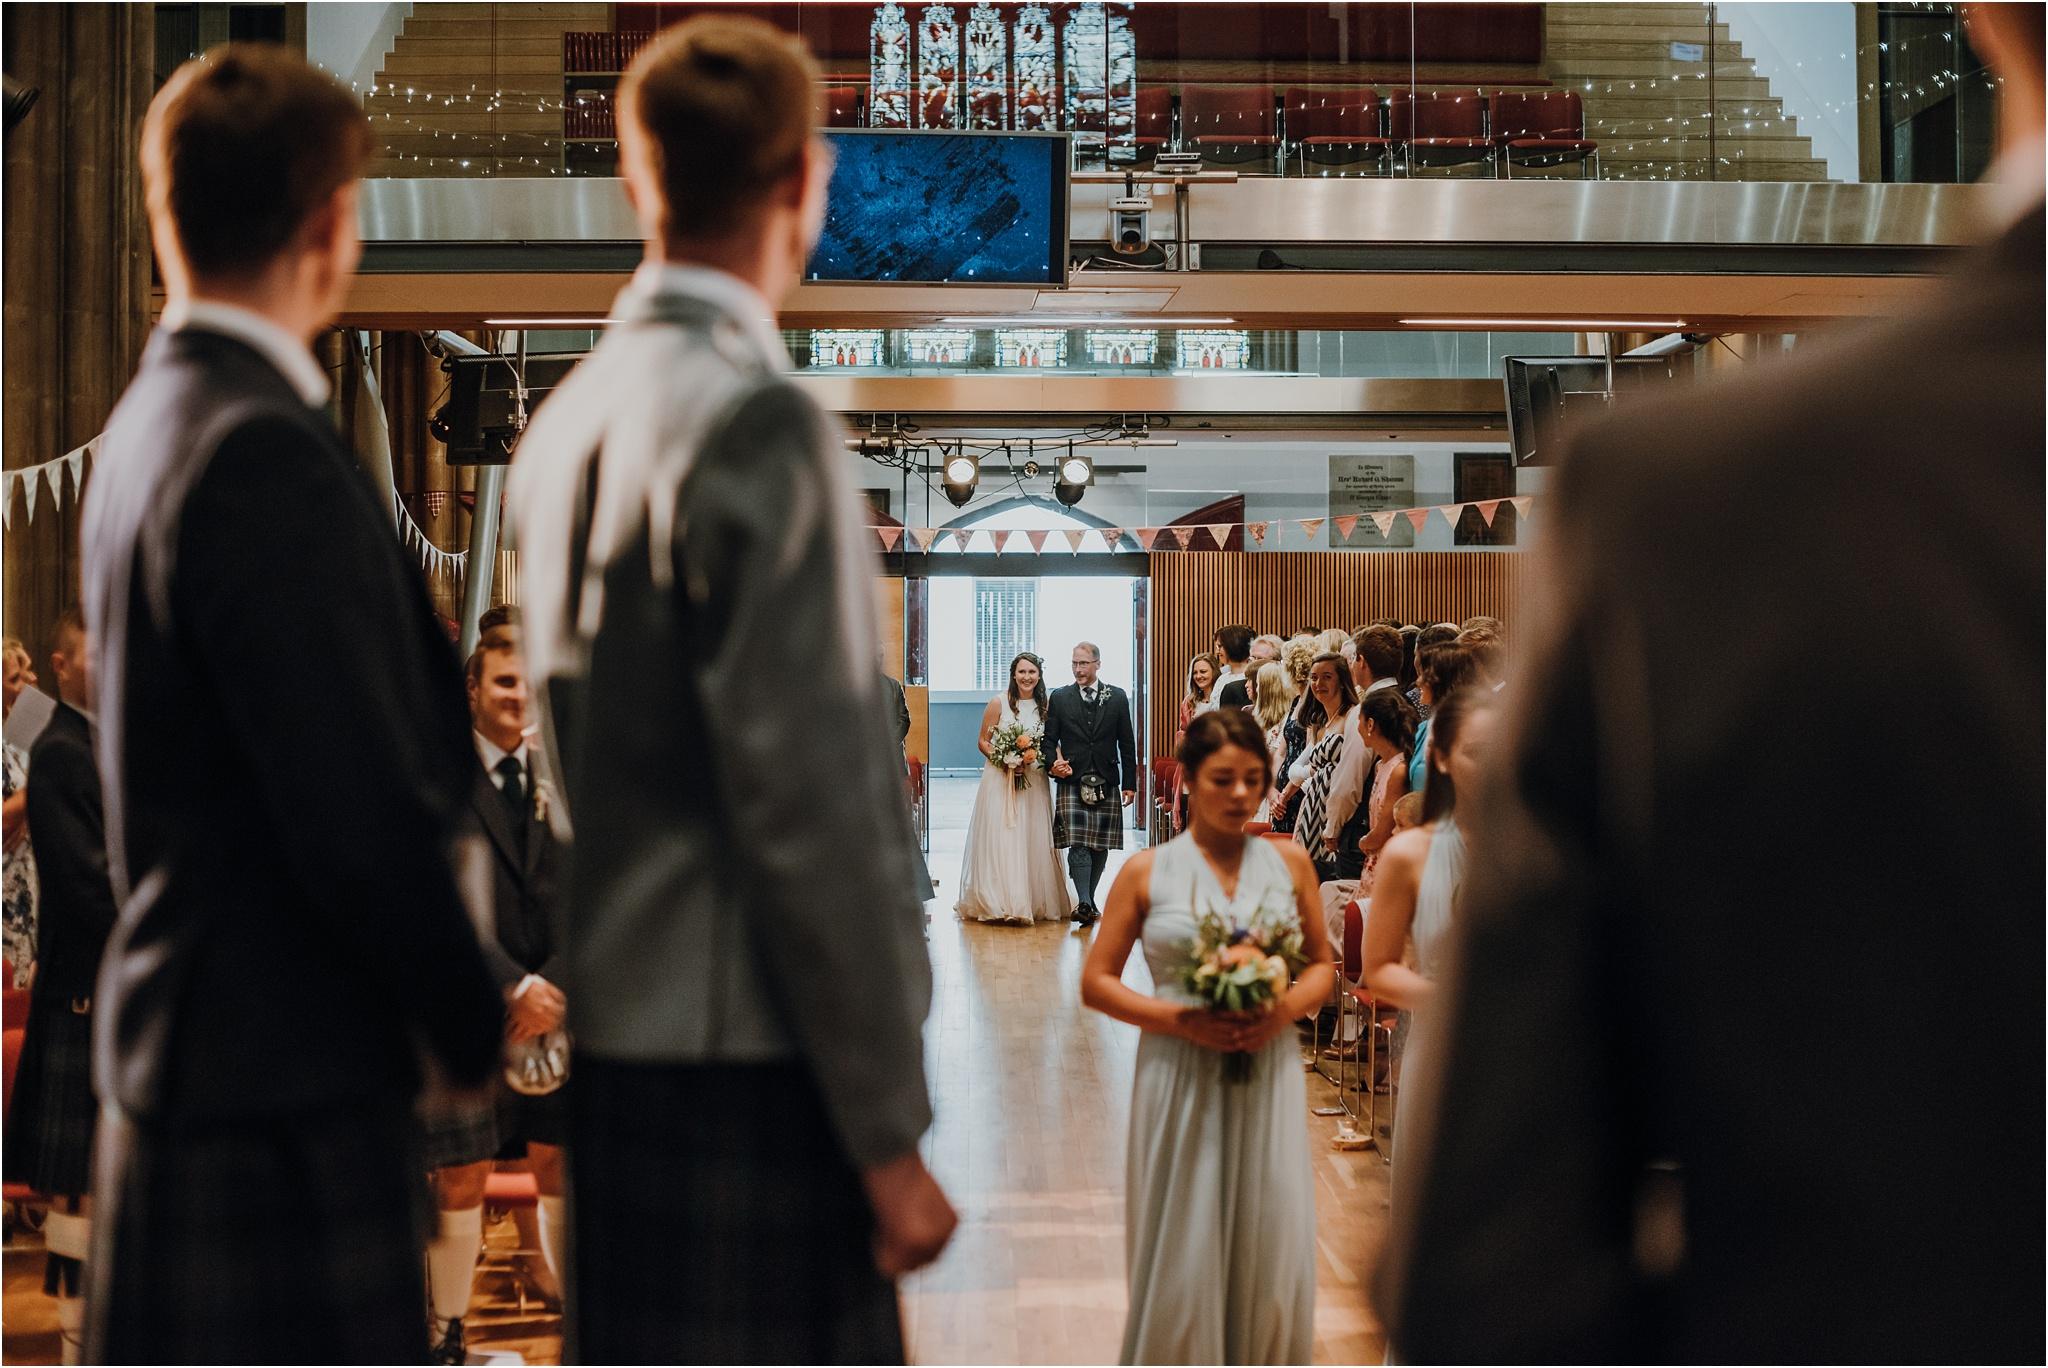 Edinburgh-barn-wedding-photographer_33.jpg